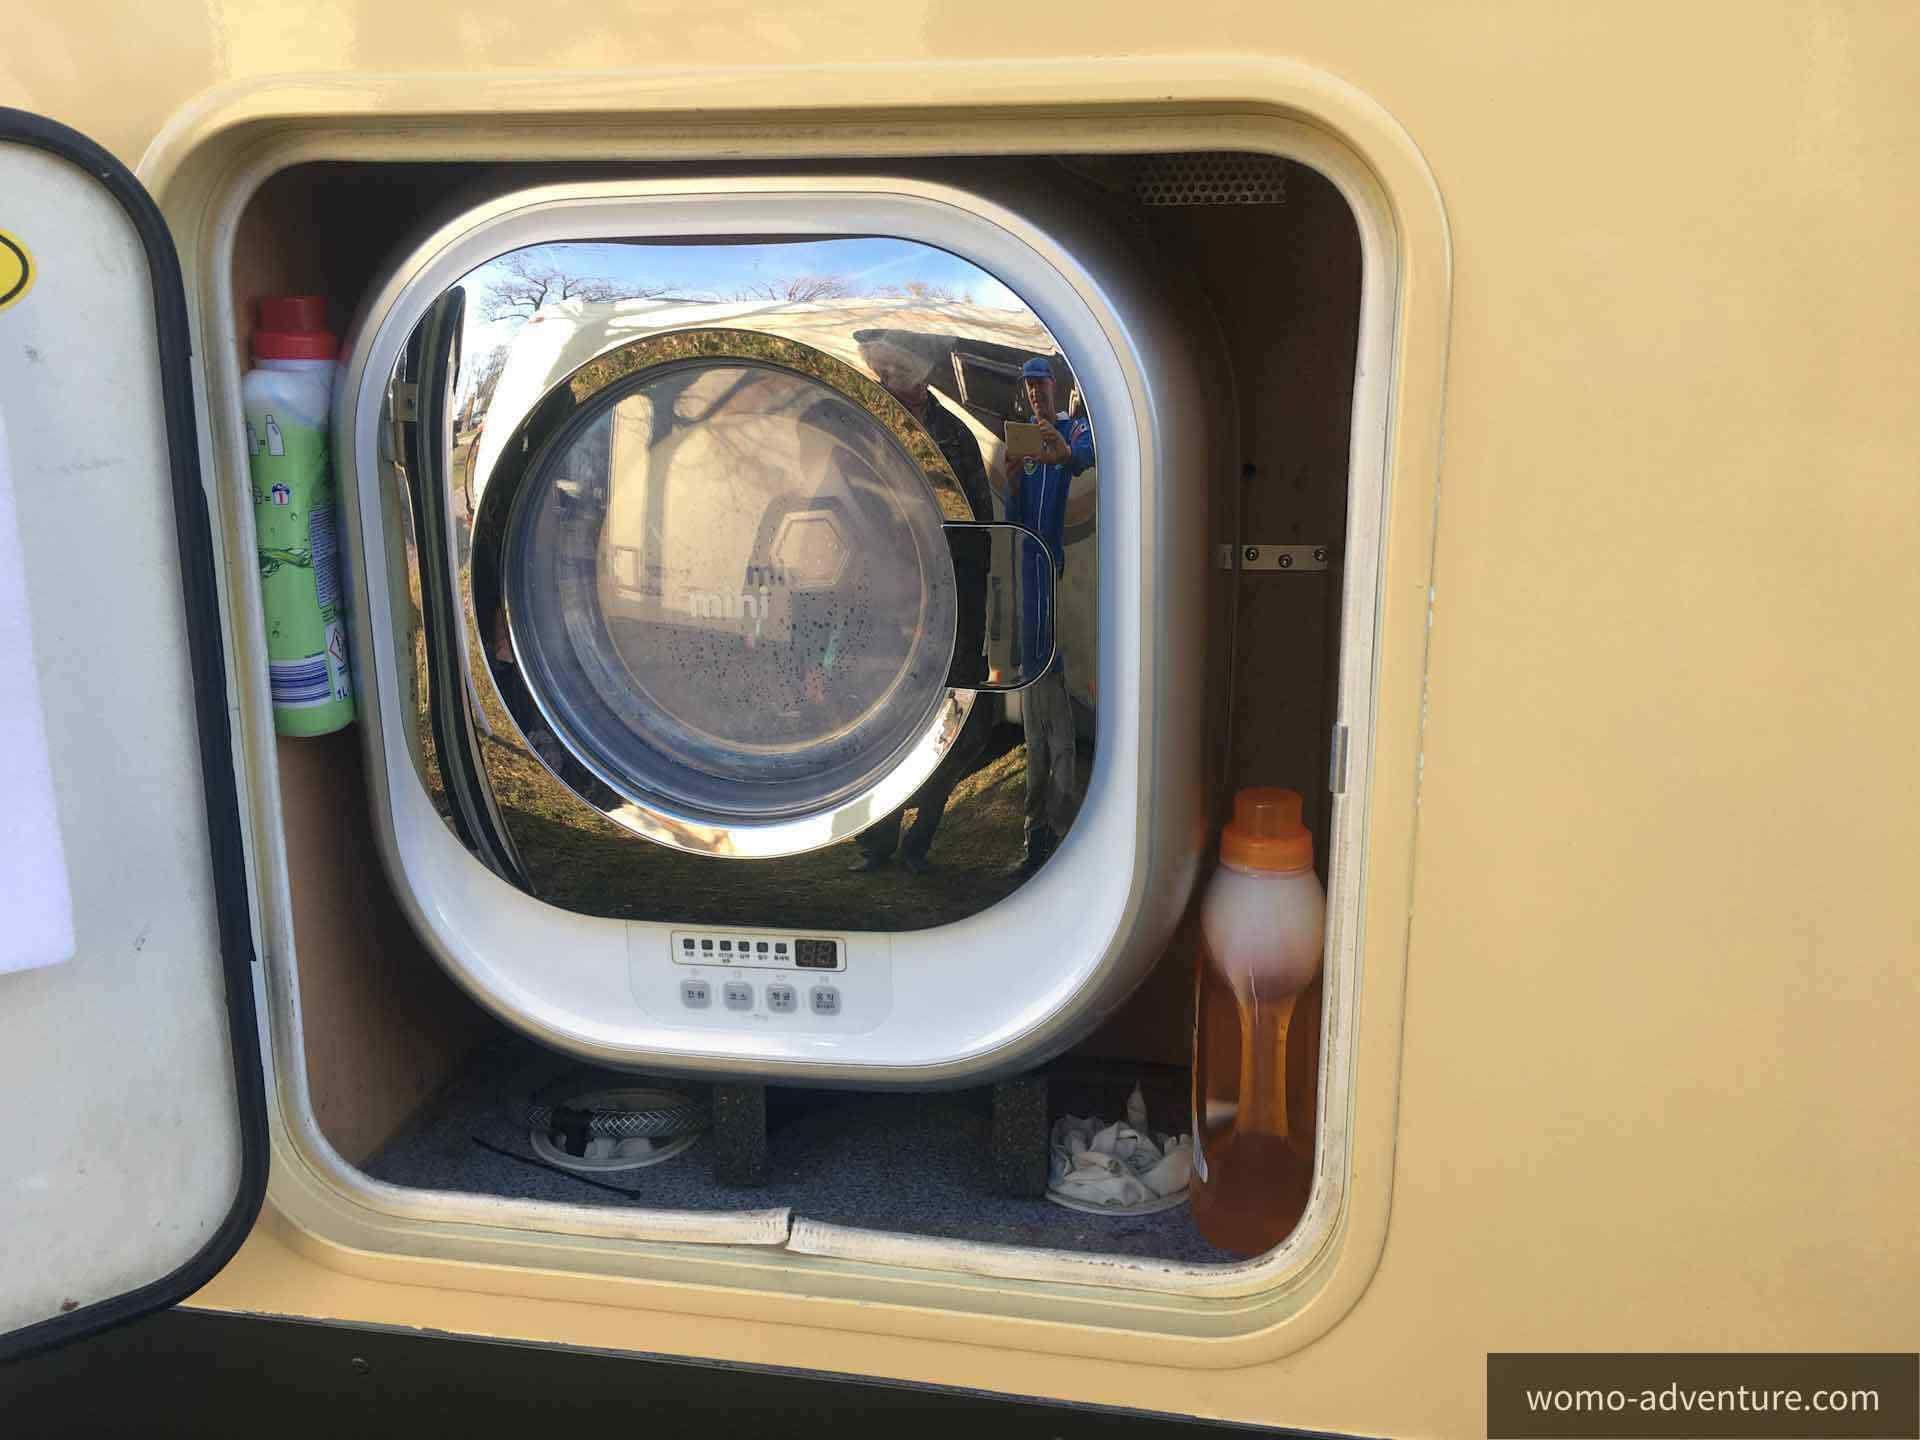 Projekt Waschmaschine ins Wohnmobil einbauen  Womo-Adventure